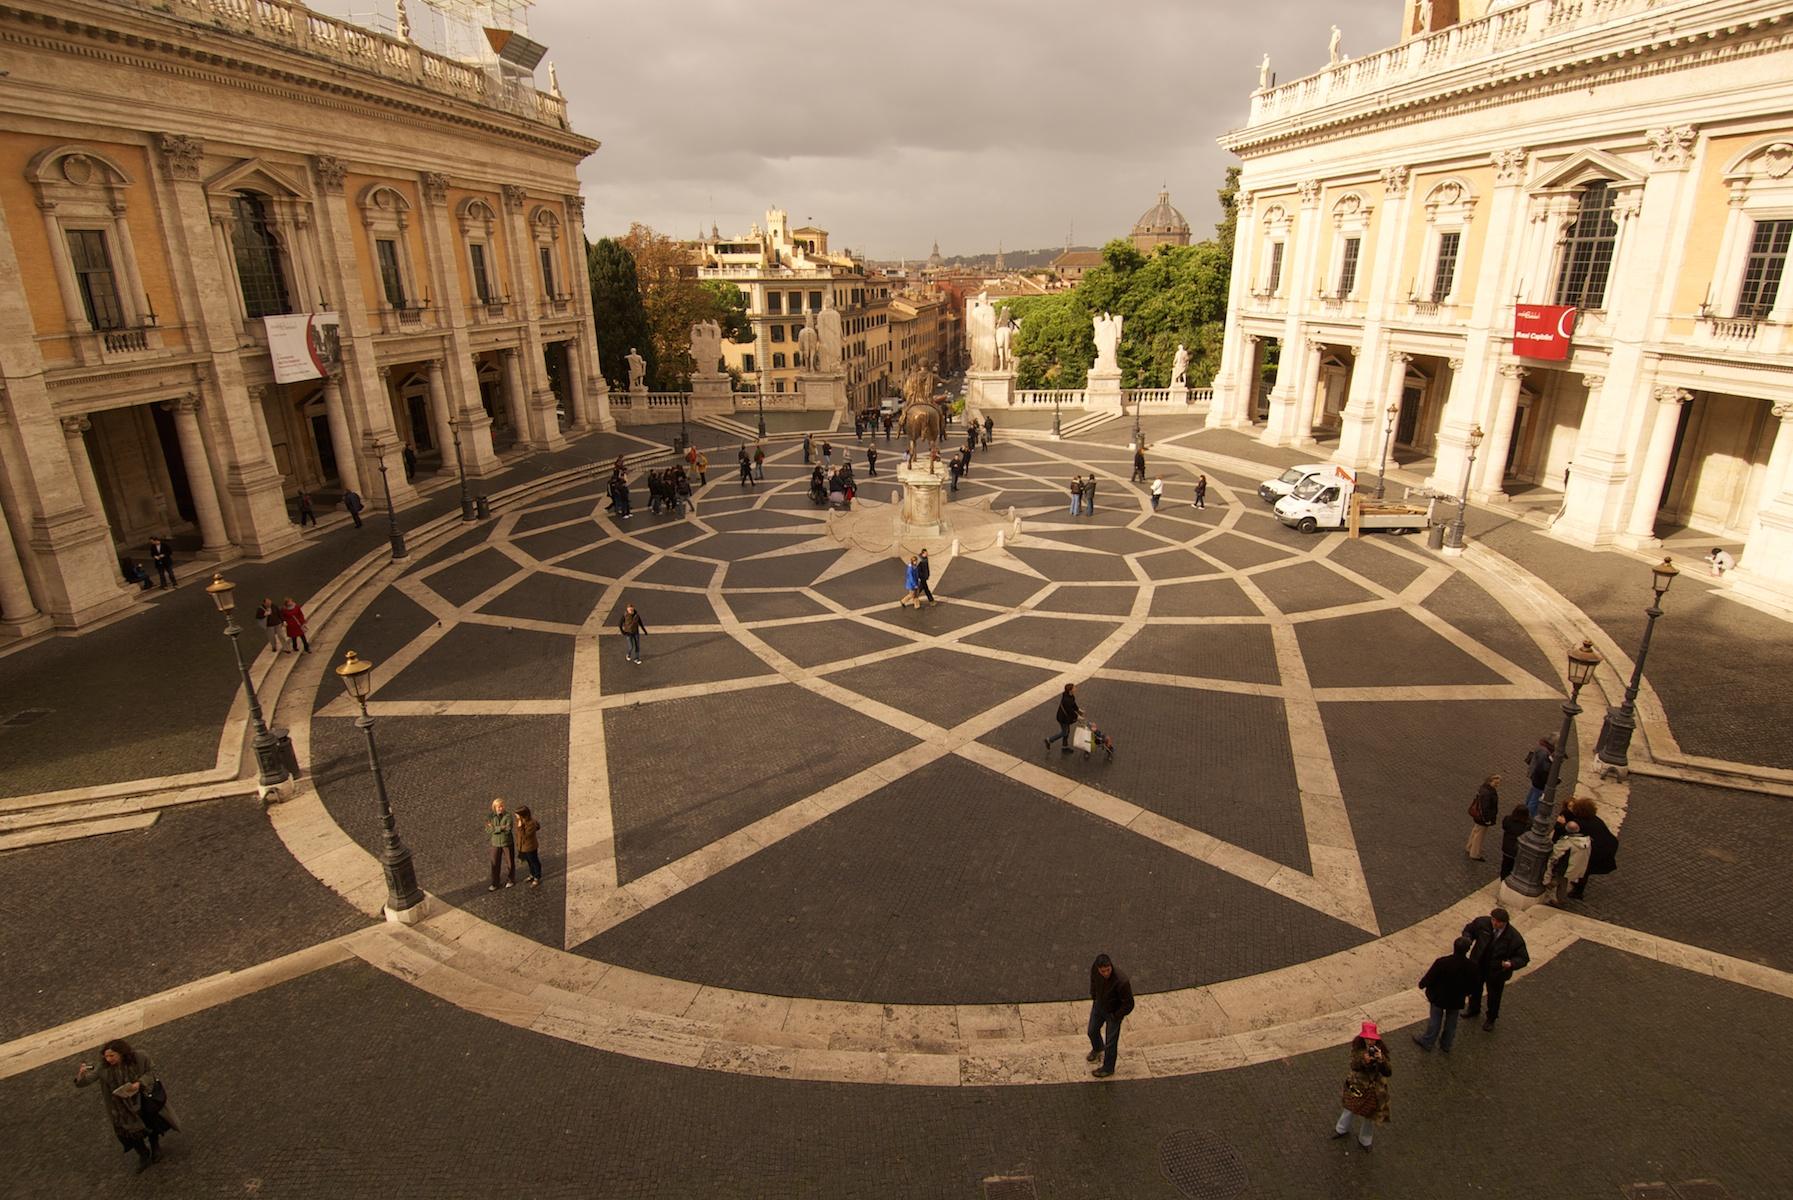 Campidoglio Square